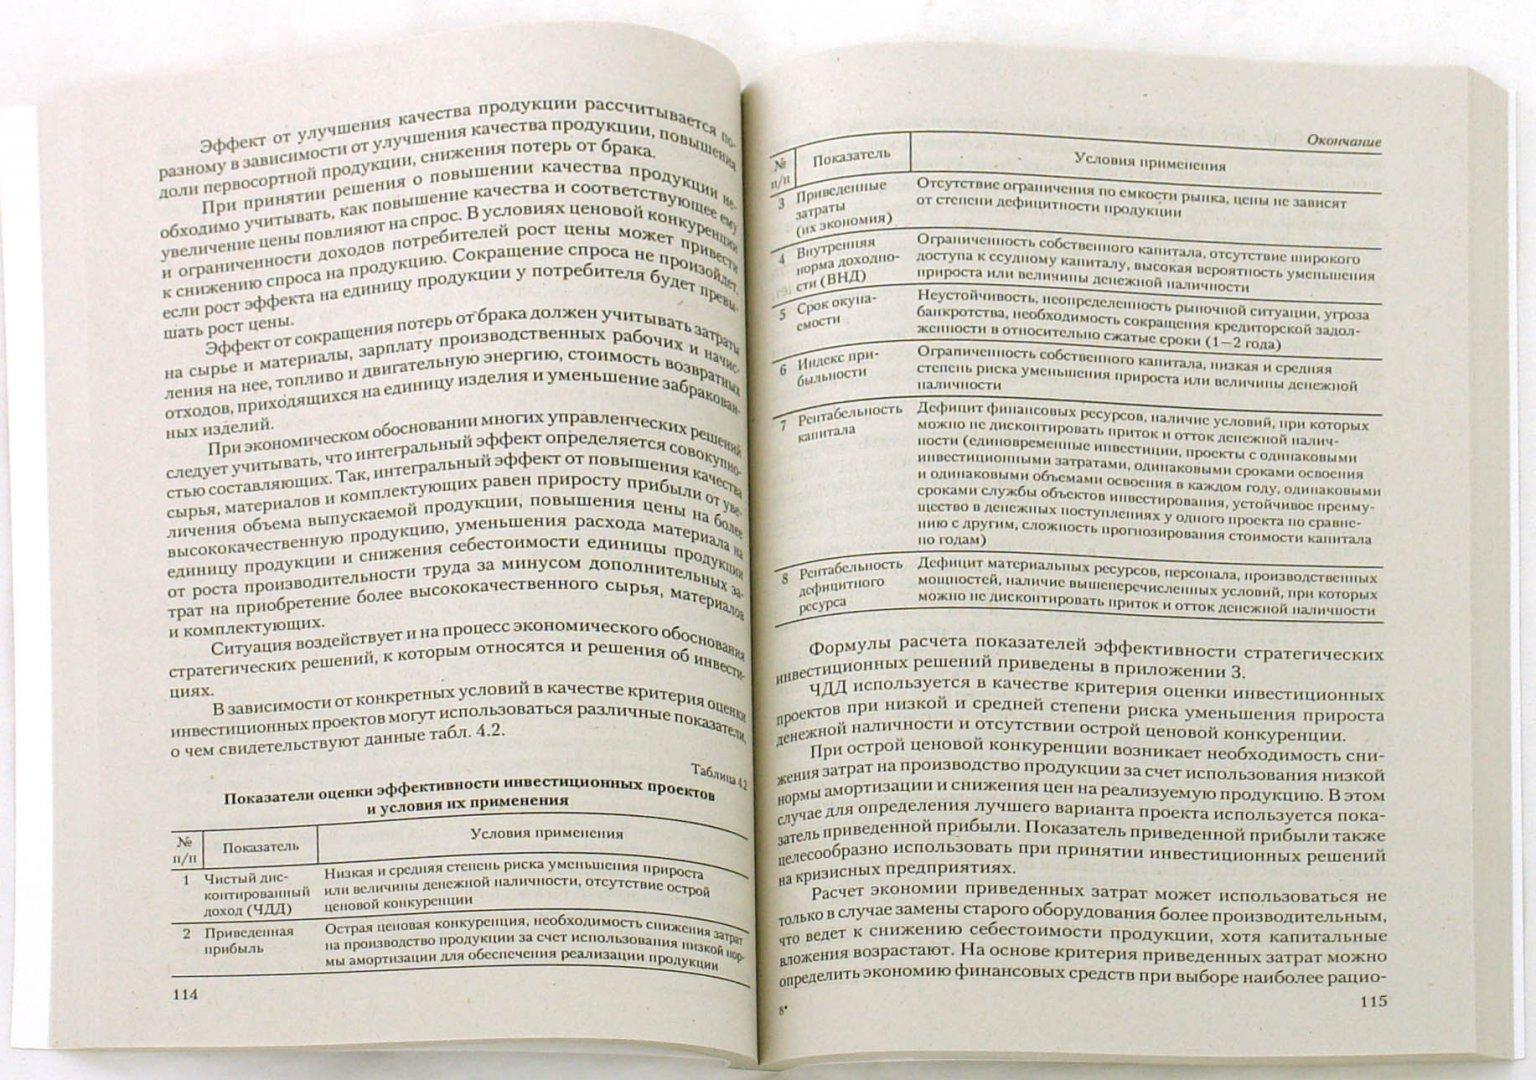 Иллюстрация 1 из 5 для Управленческие решения: учебное пособие - Аркадий Лифшиц   Лабиринт - книги. Источник: Лабиринт